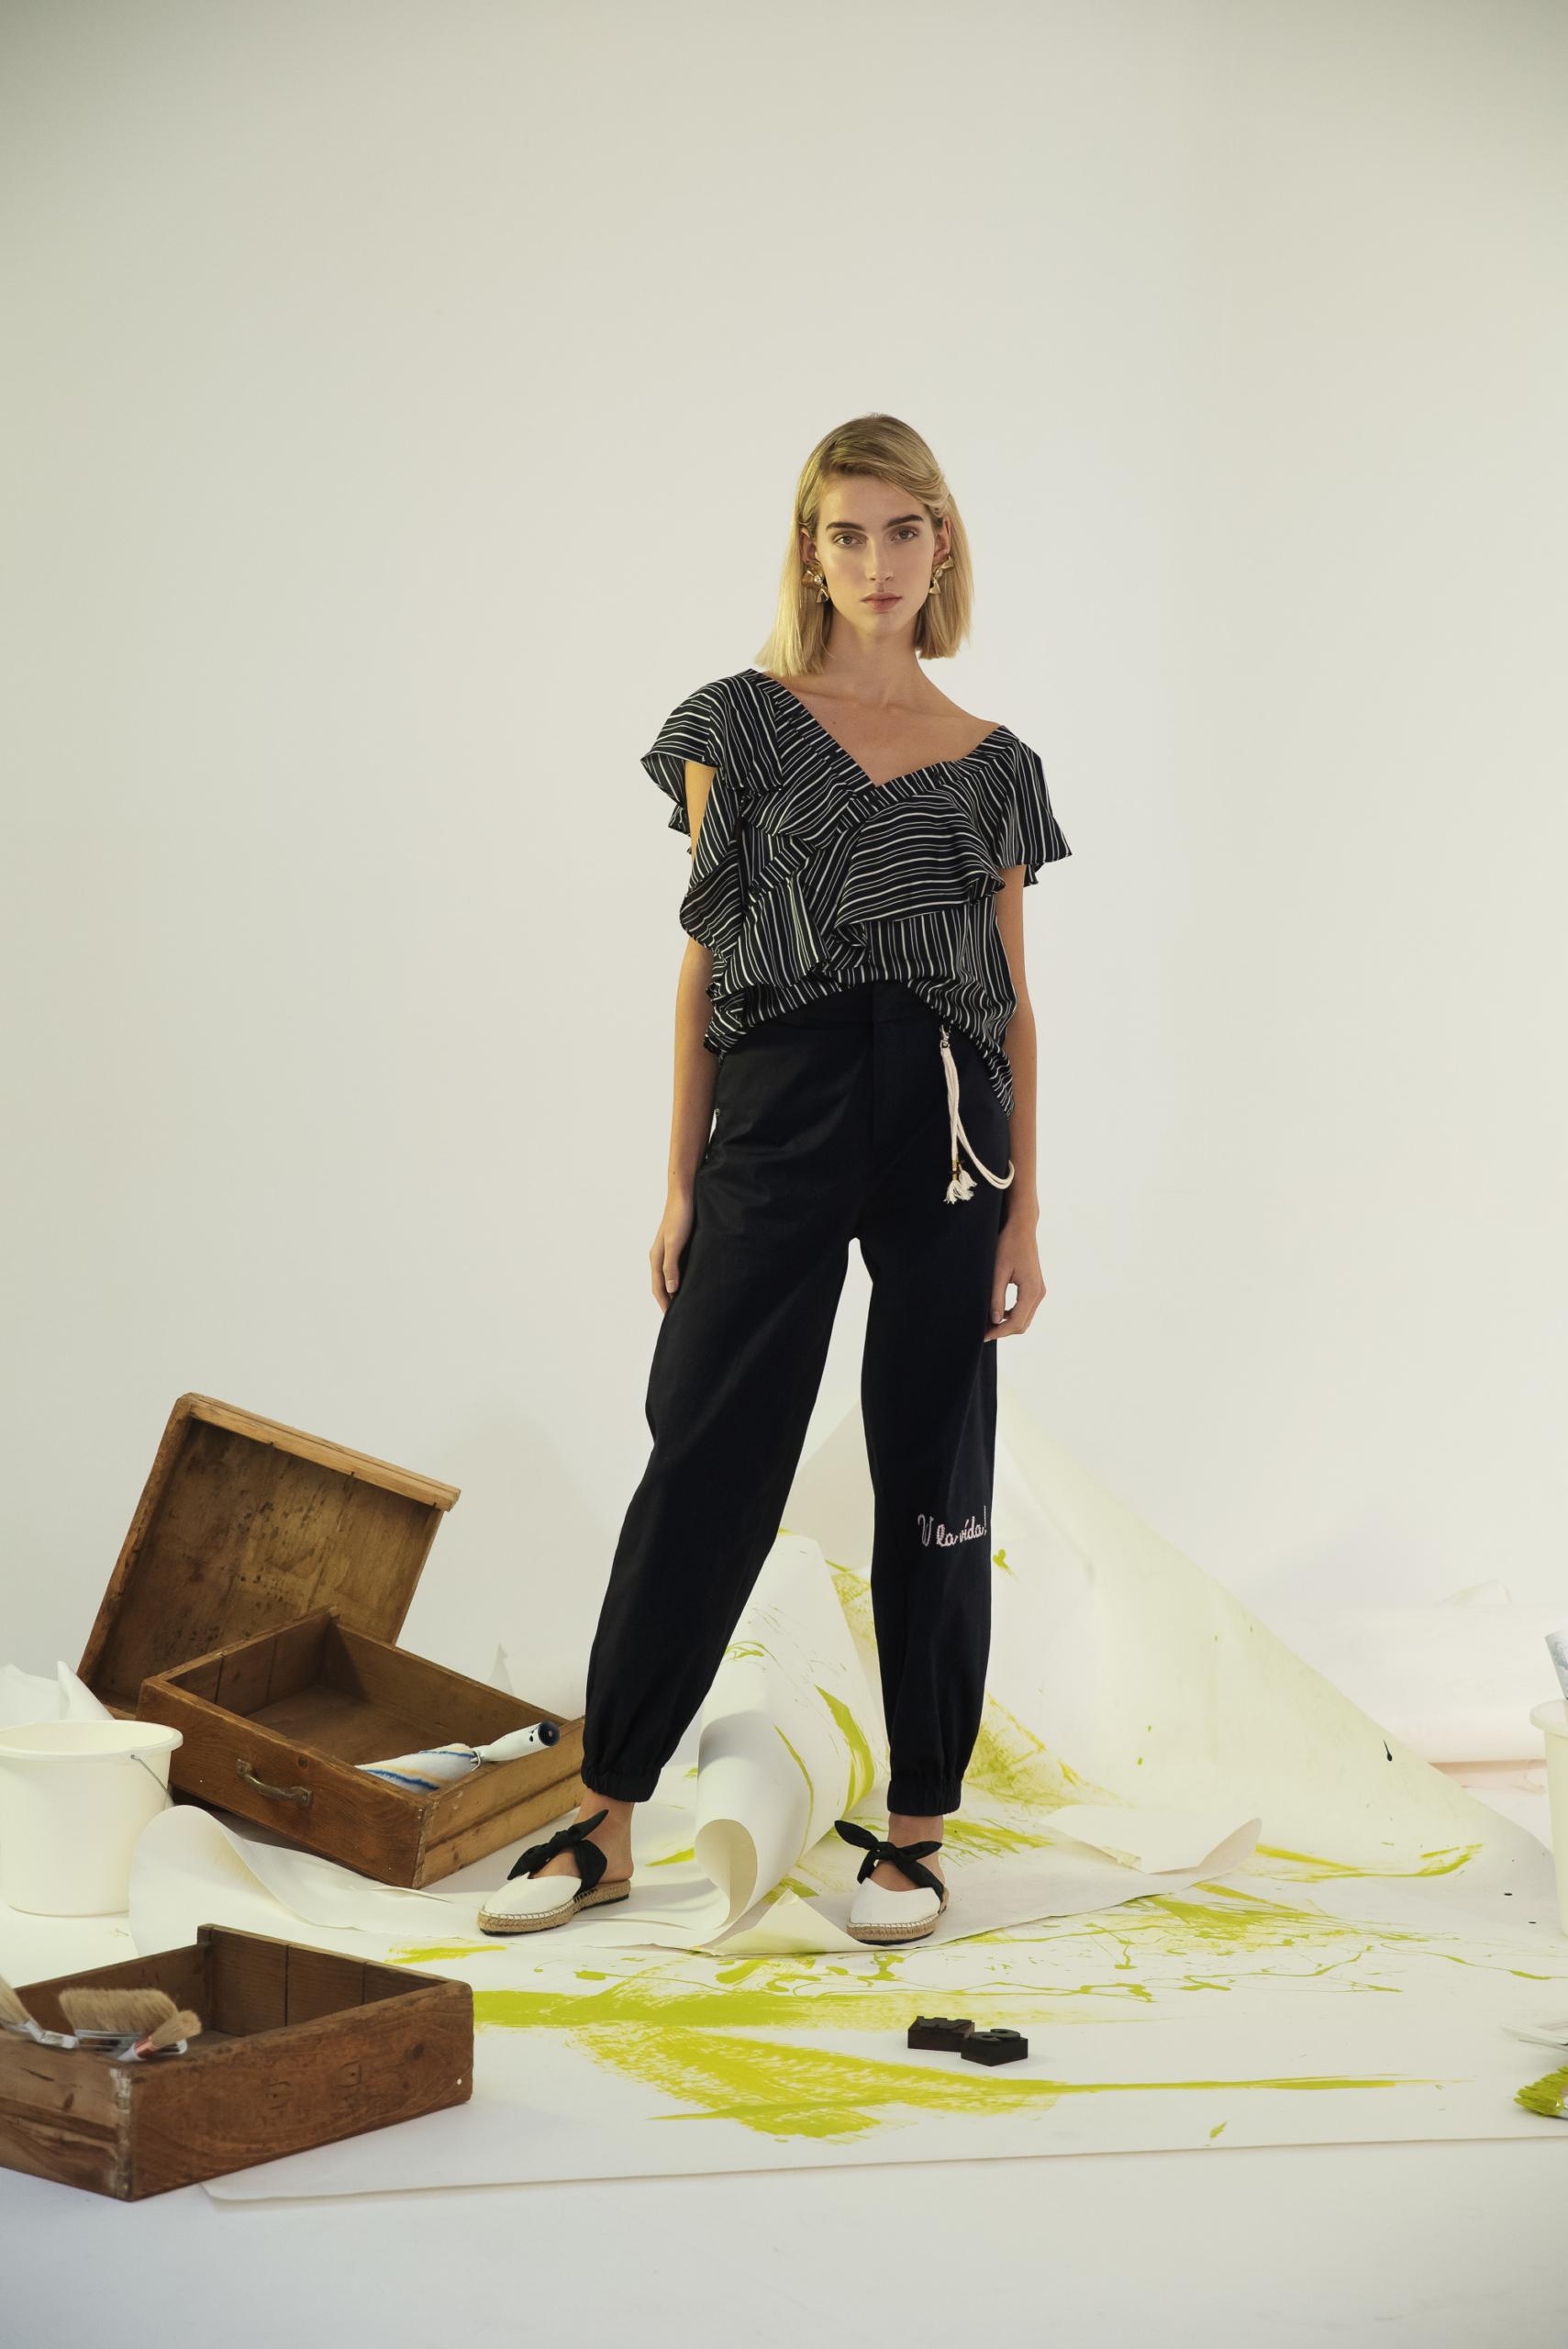 Pantaloni moda primavera estate 2020